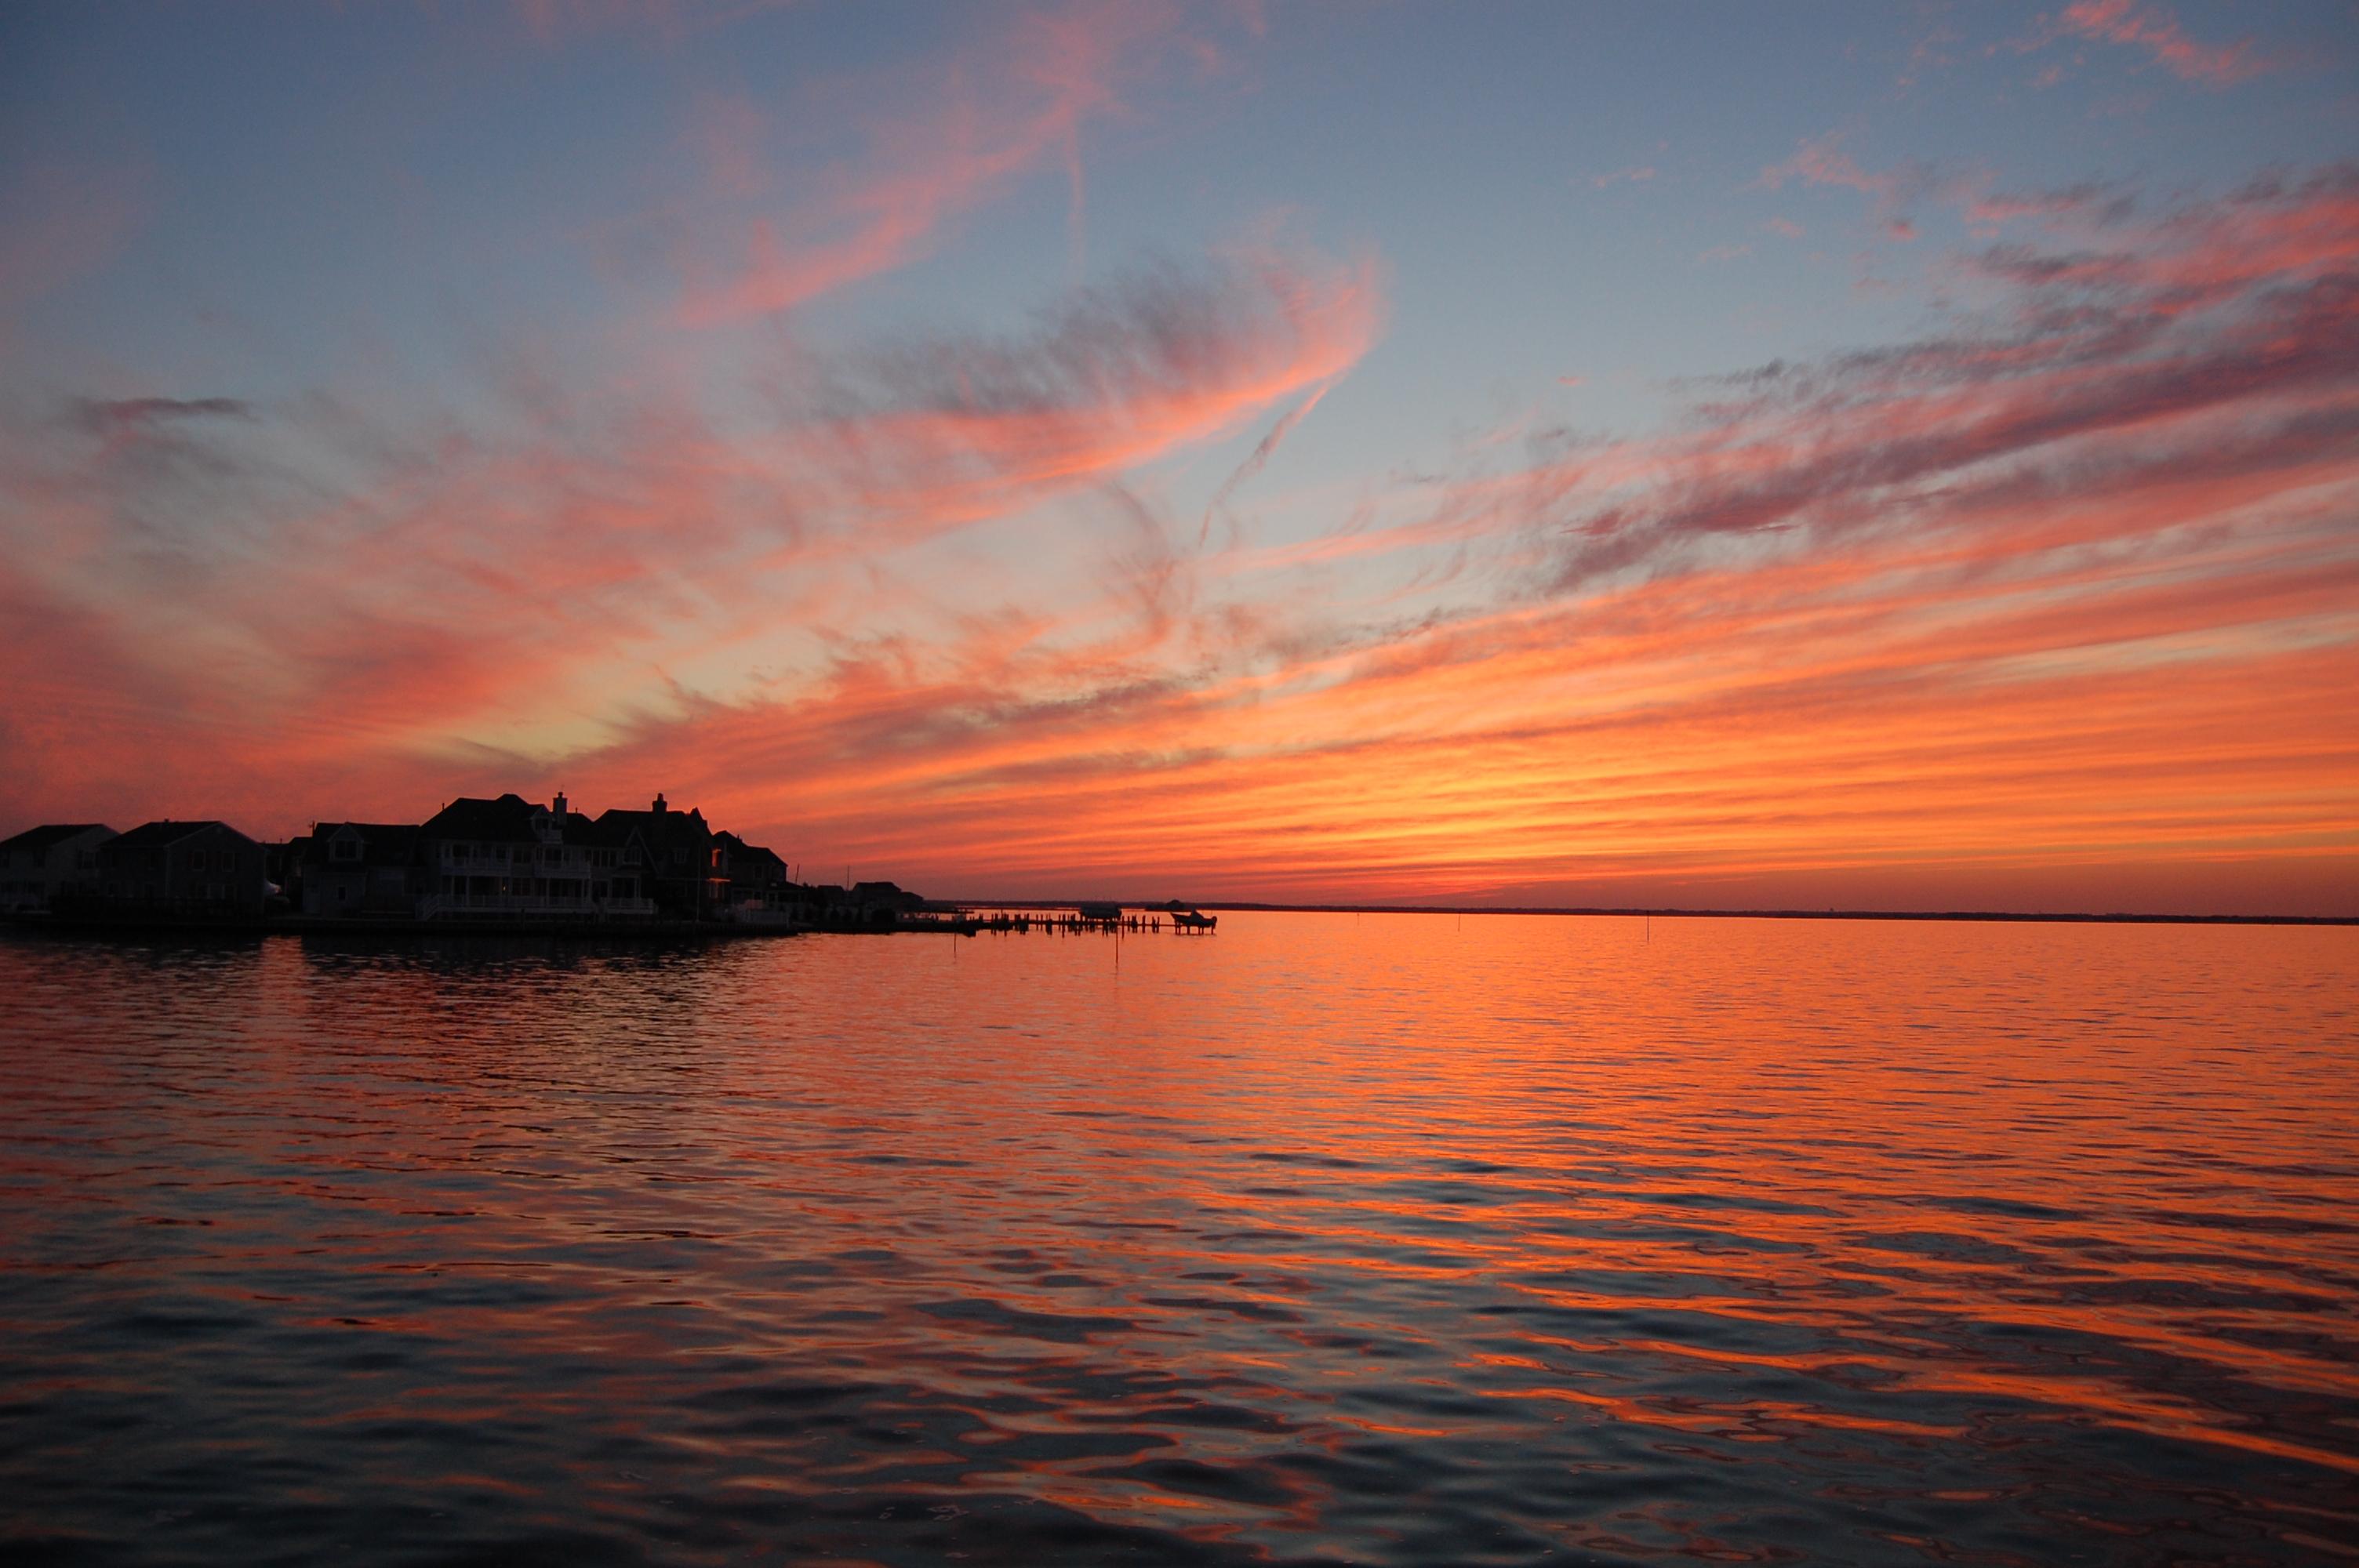 The Nov. 9, 2014 sunset over Barnegat Bay in Brick, N.J. (Photo: Daniel Nee)